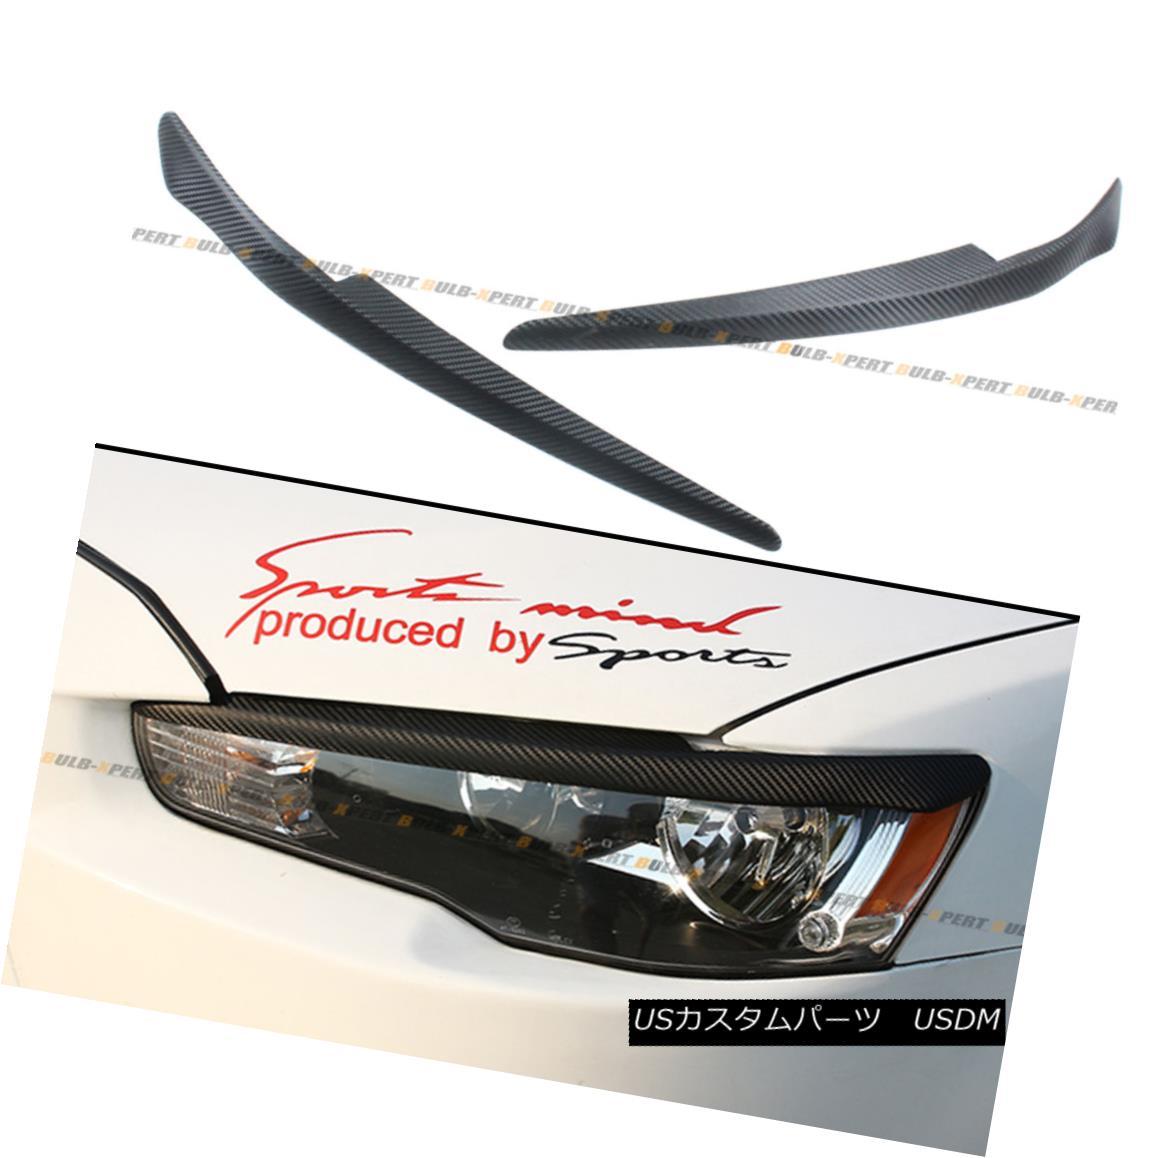 エアロパーツ FOR 08-16 MITSUBISHI LANCER GTS EVO X ABS CARBON TEXTURE HEADLIGHT EYE LID COVER 08-16三菱ランサーGTS EVO X ABSカーボンチューブヘッドライトアイカバーカバー